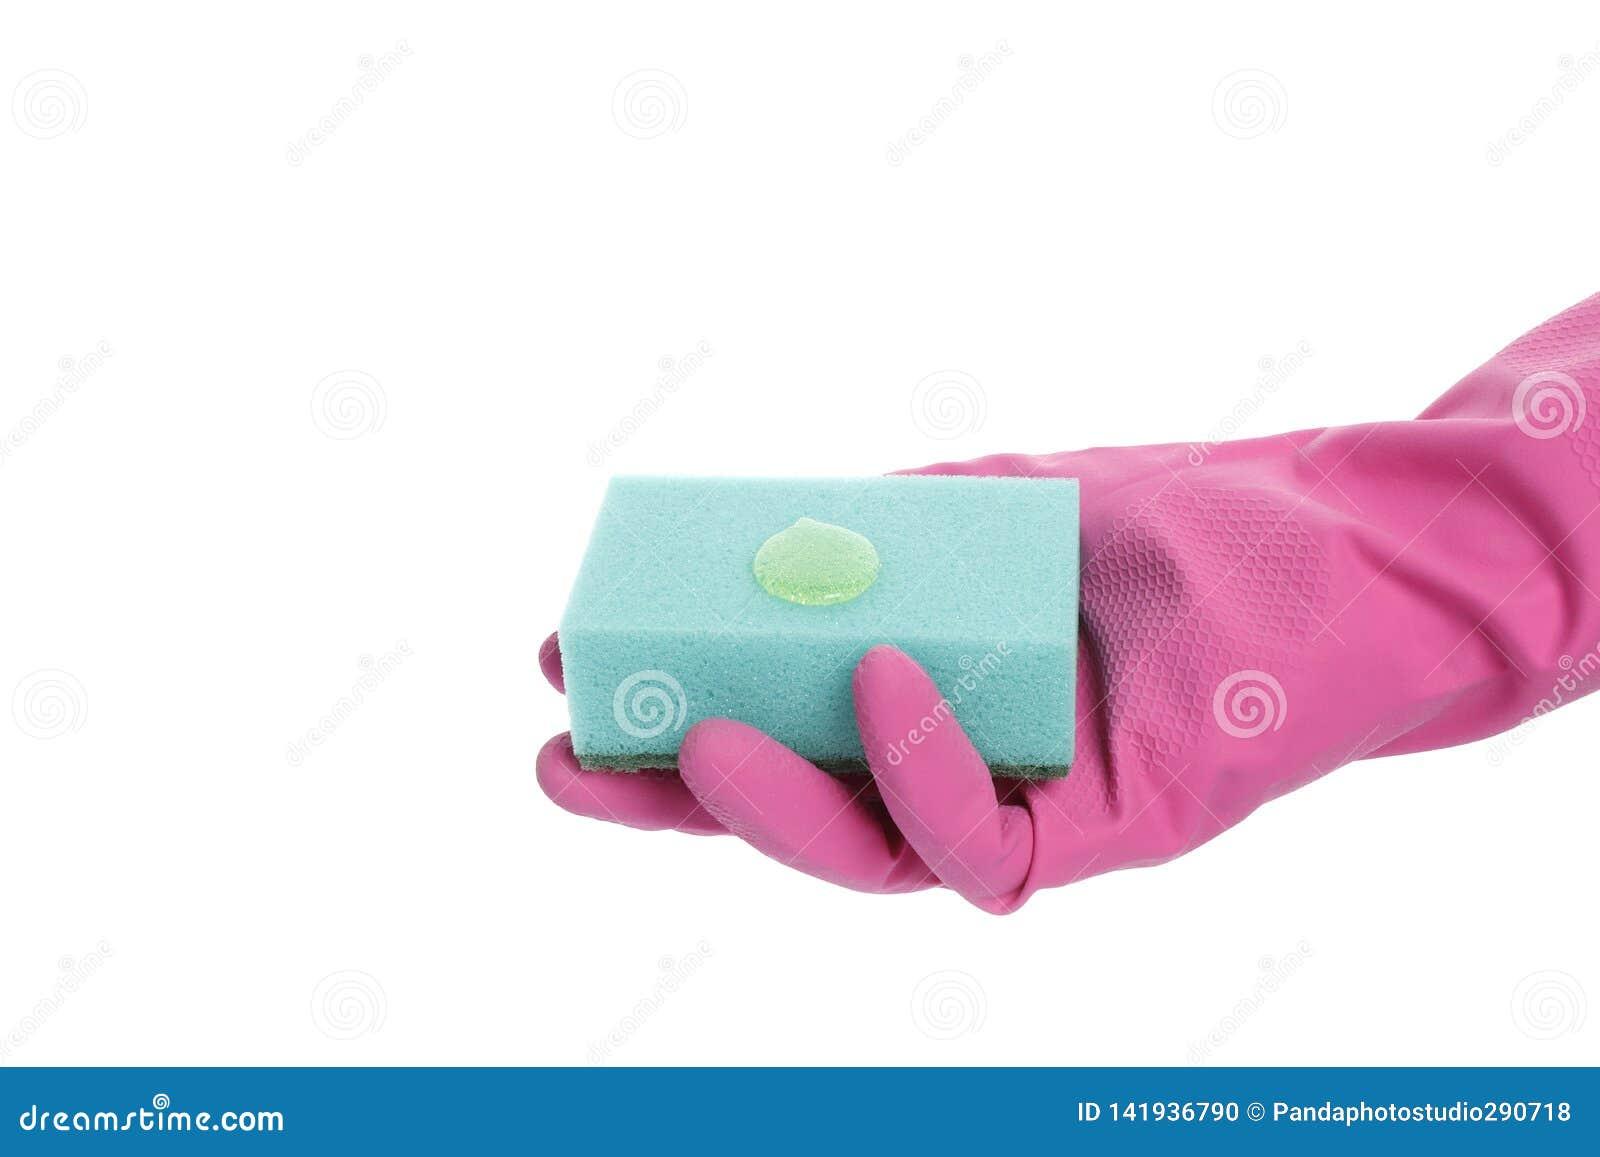 Φορημένο γάντια χέρι που κρατά ένα σφουγγάρι απομονωμένο στο άσπρο υπόβαθρο